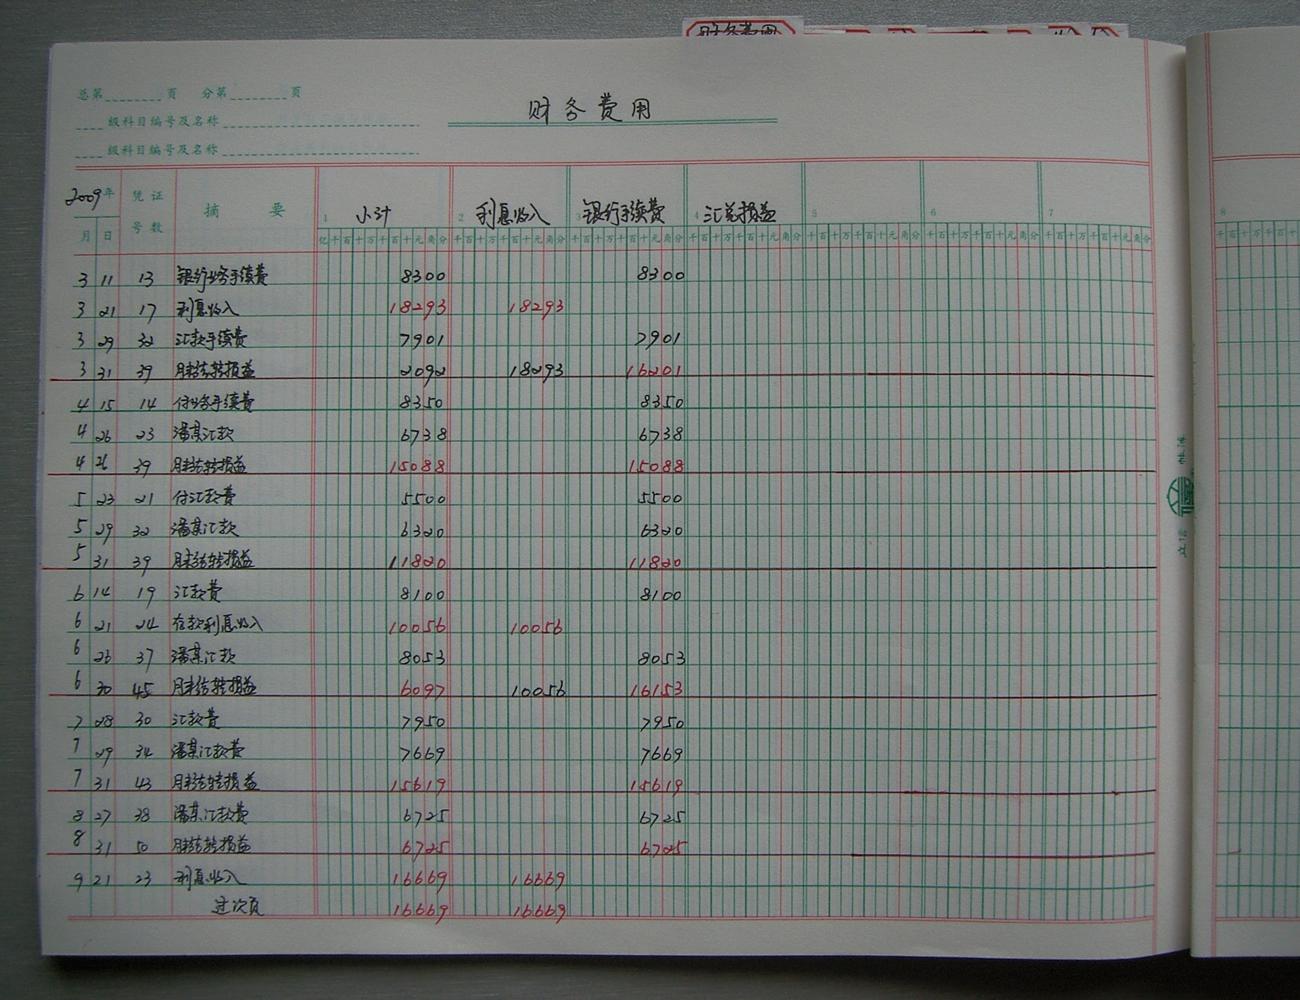 手工现金日记账模板